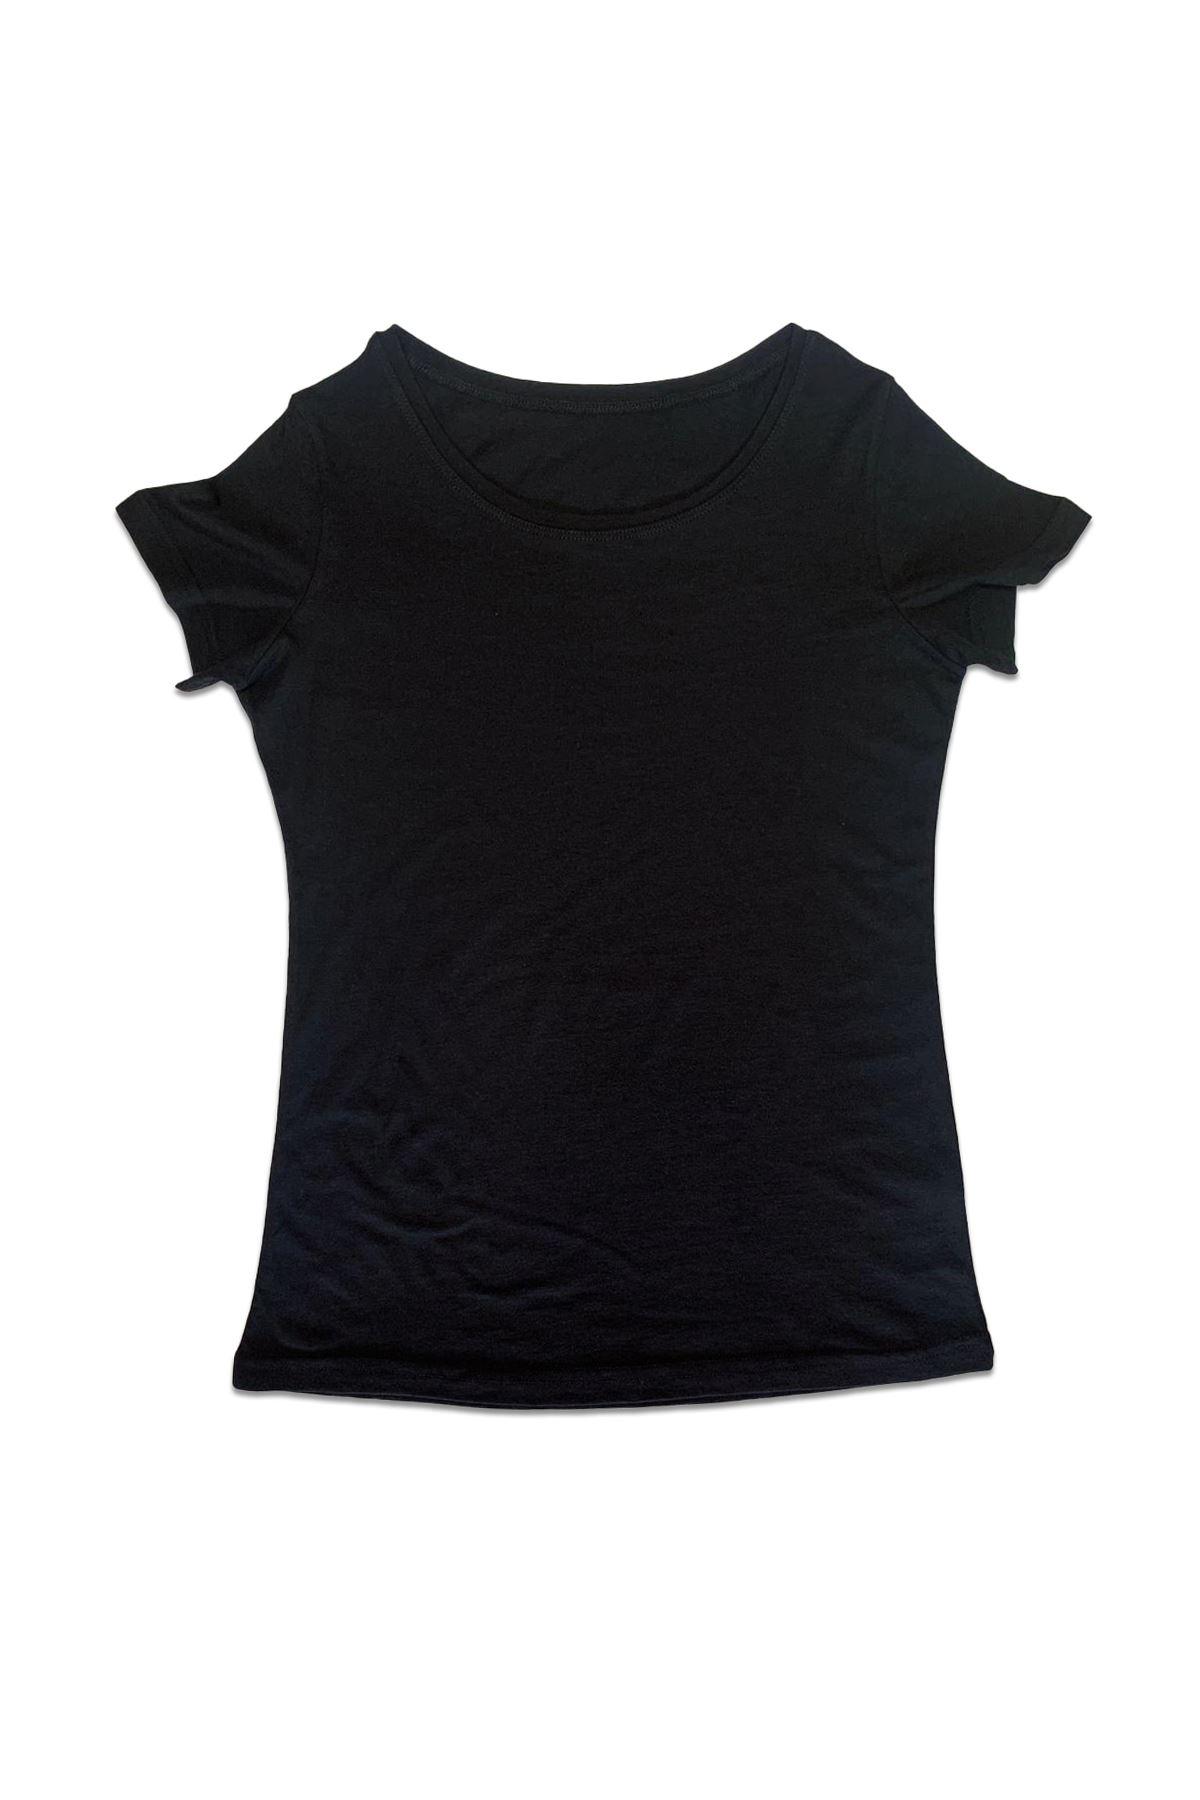 Malabadi Kadın 2 li Paket Siyah-Beyaz Açık Yaka Yaz Serinliği Tişört 2M172